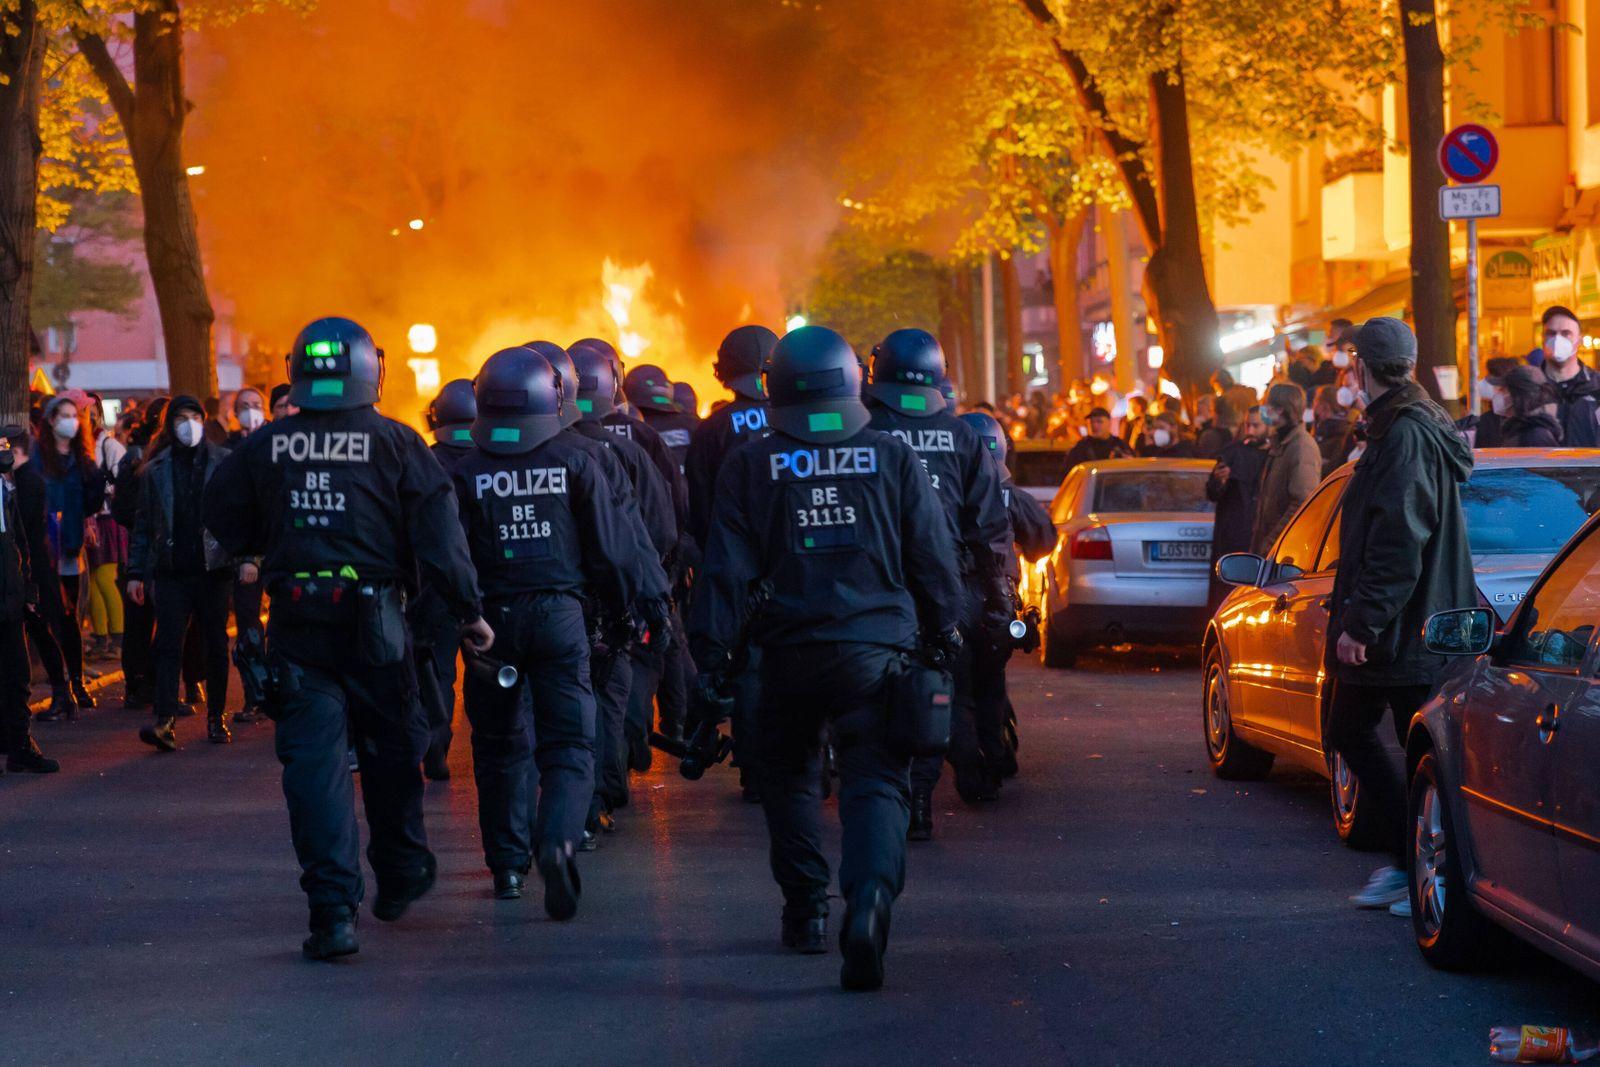 01.05.2021, Berlin, Deutschland, GER - Brennende Barrikade auf der Sonnenallee in Berlin-Neukölln nach der aufgelößten